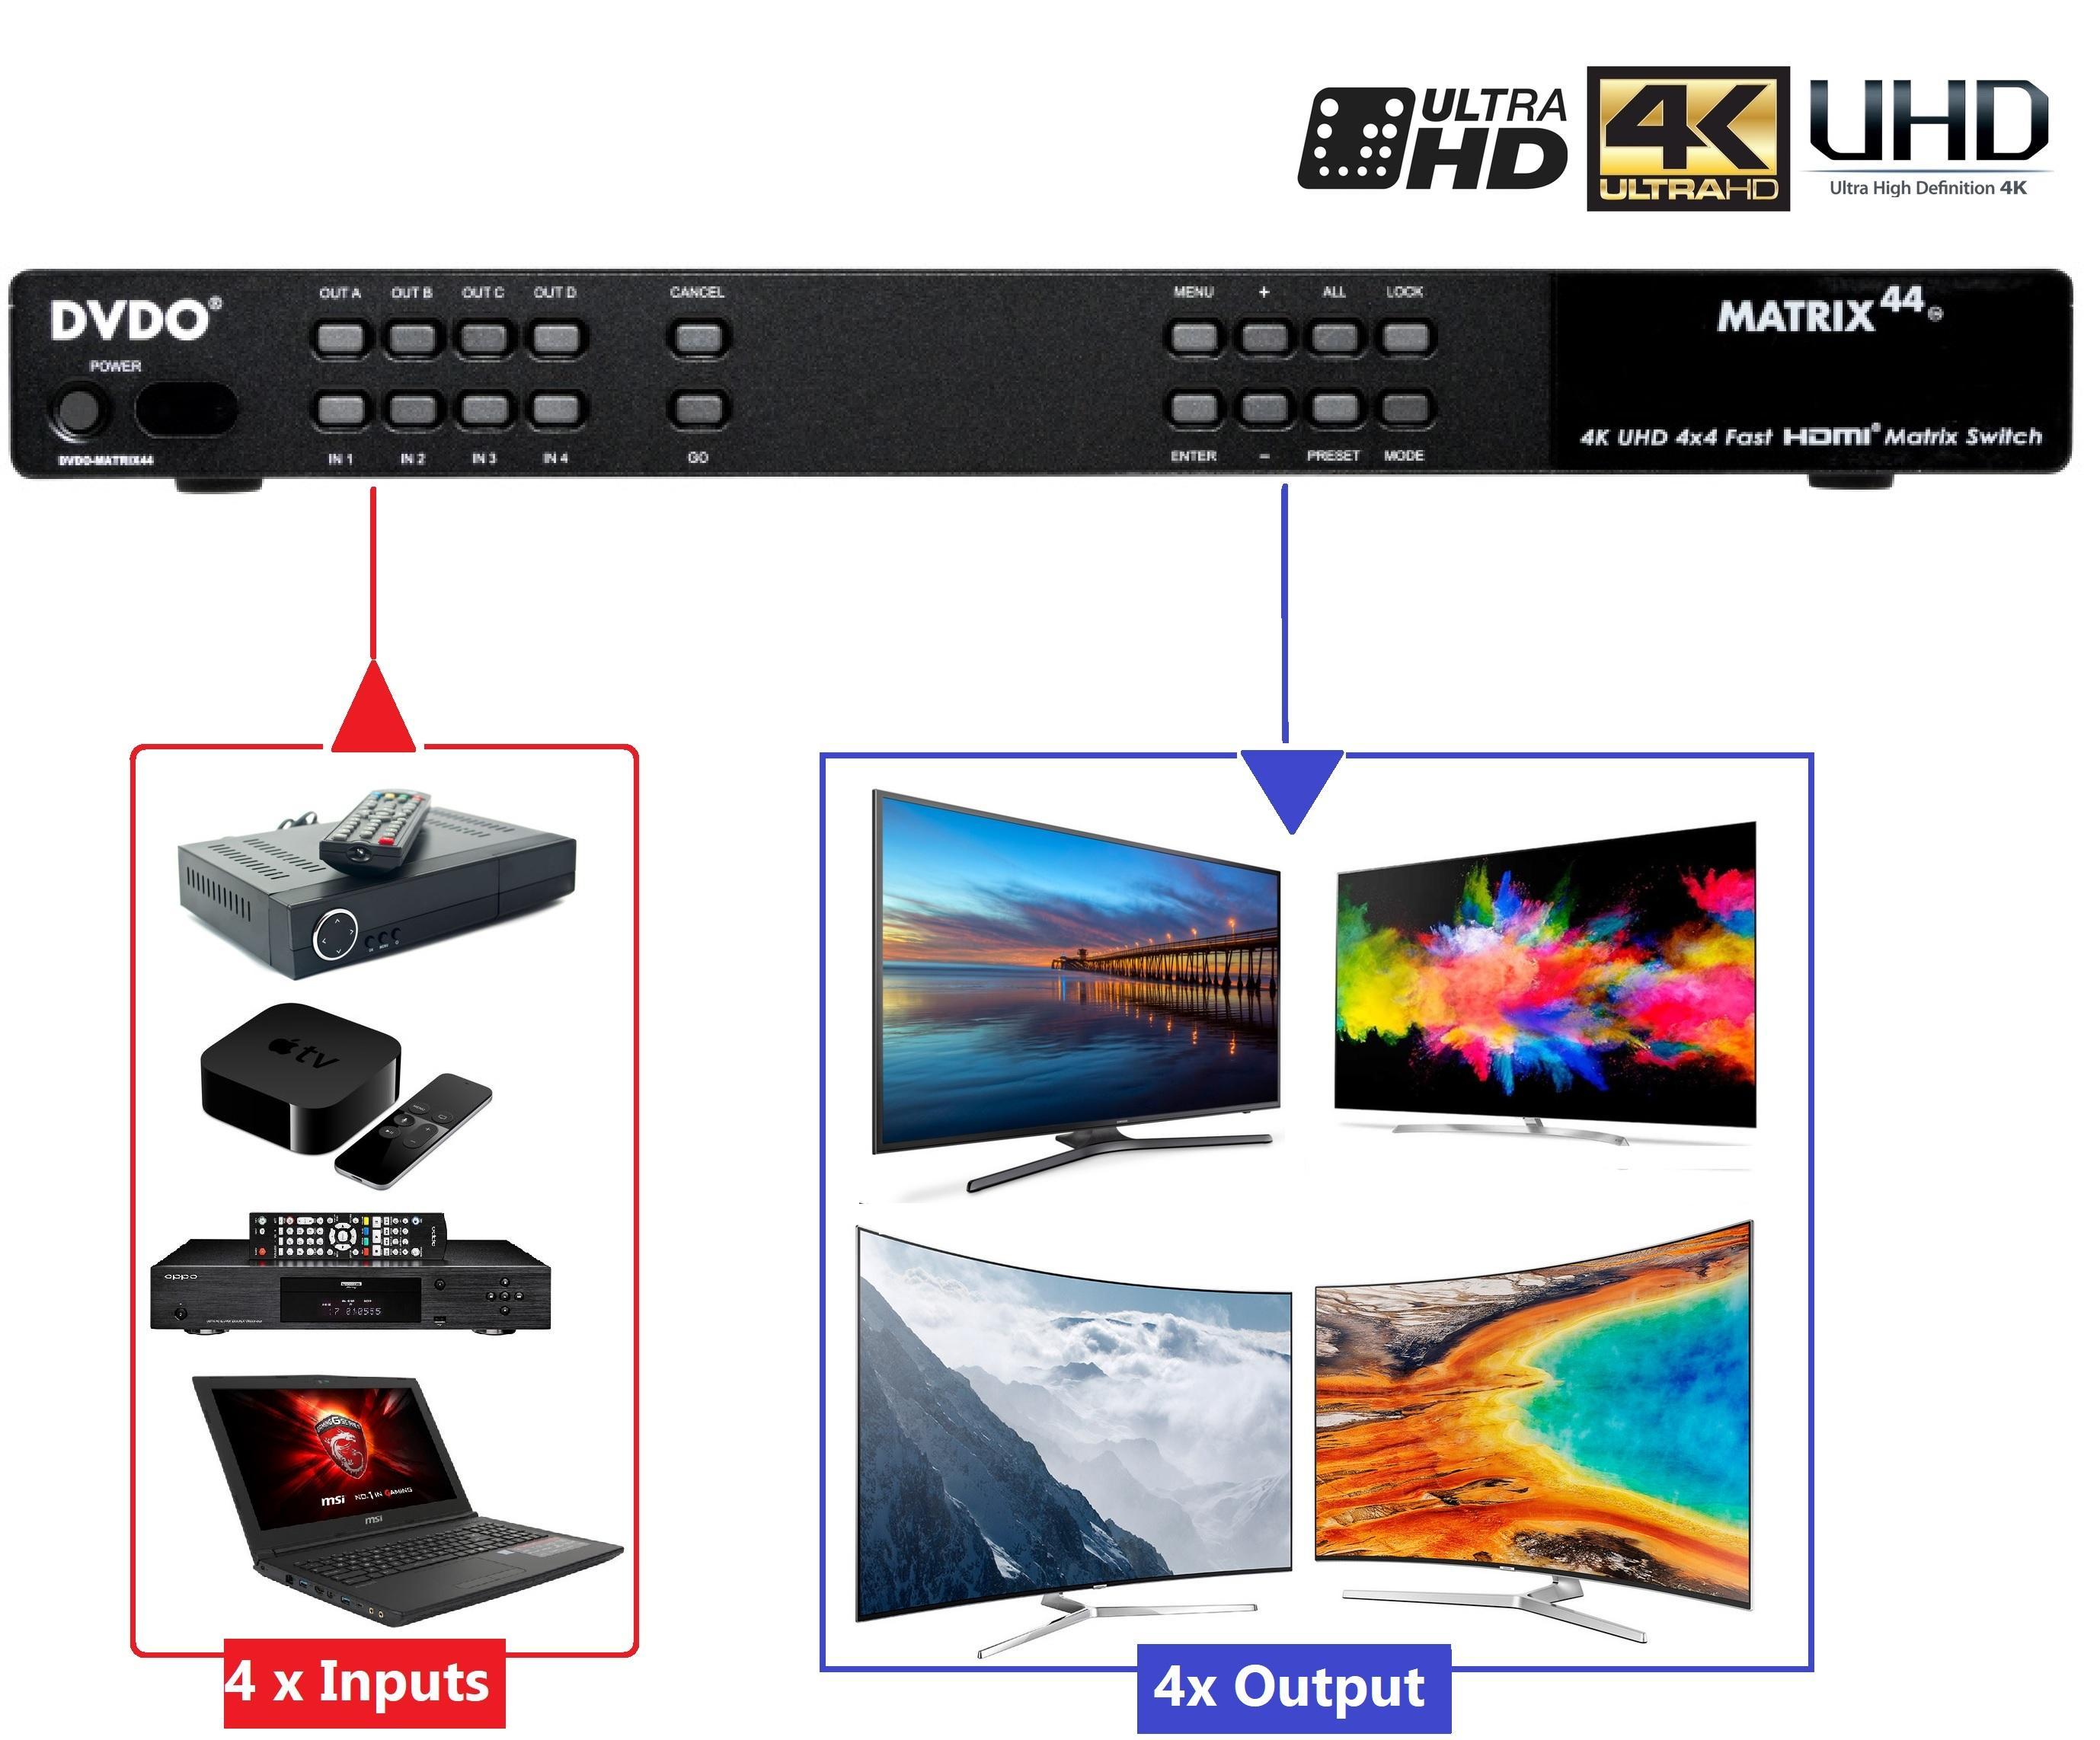 MATRIX 4x4 4K Ultra HD 4x4 Fast HDMI Matrix Switch UHD (RS232/IR/IP) by DVDO